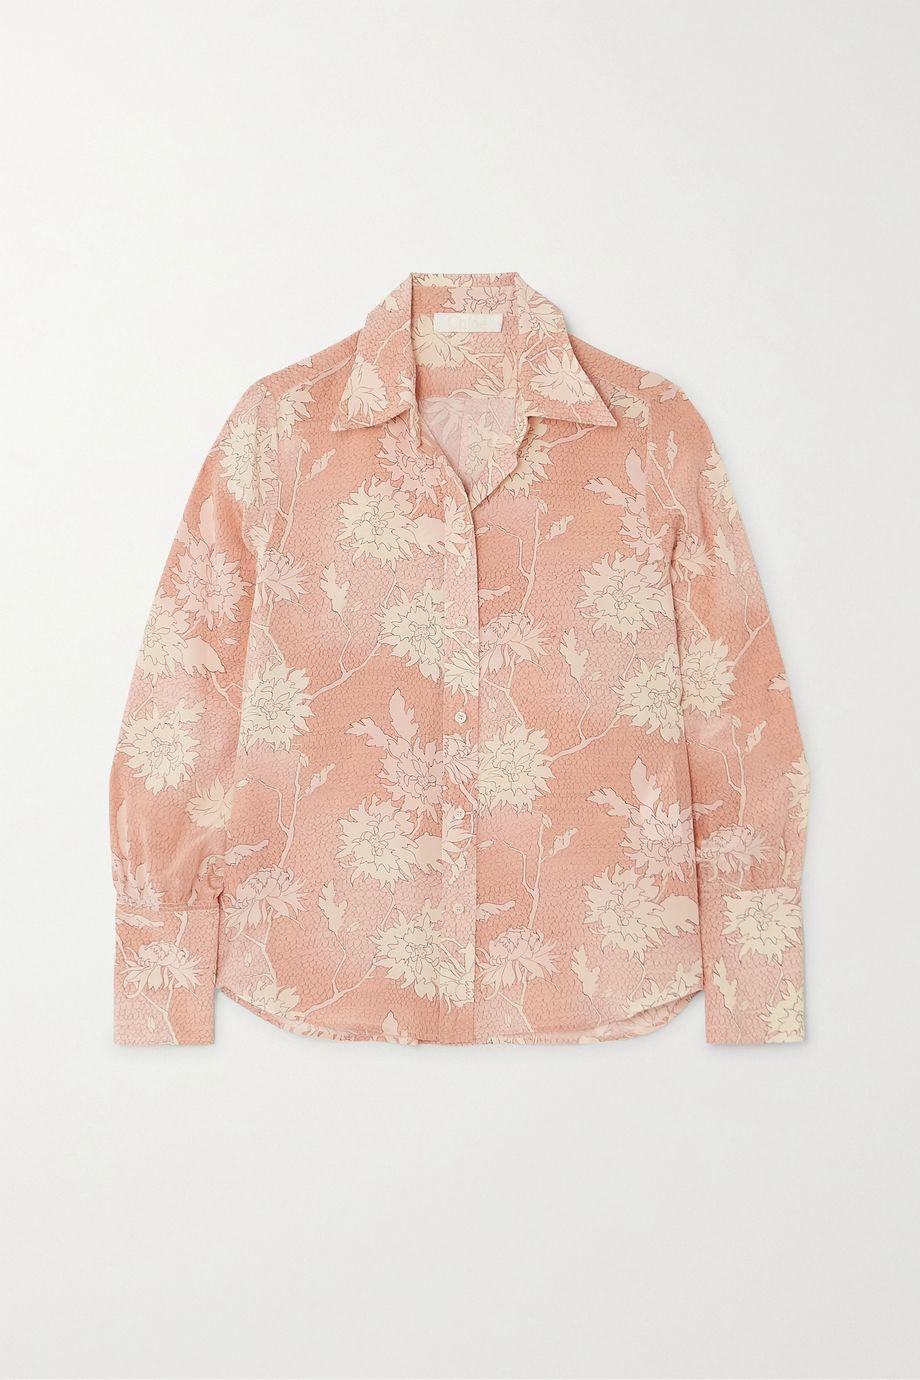 Chloé Floral-print silk crepe de chine blouse